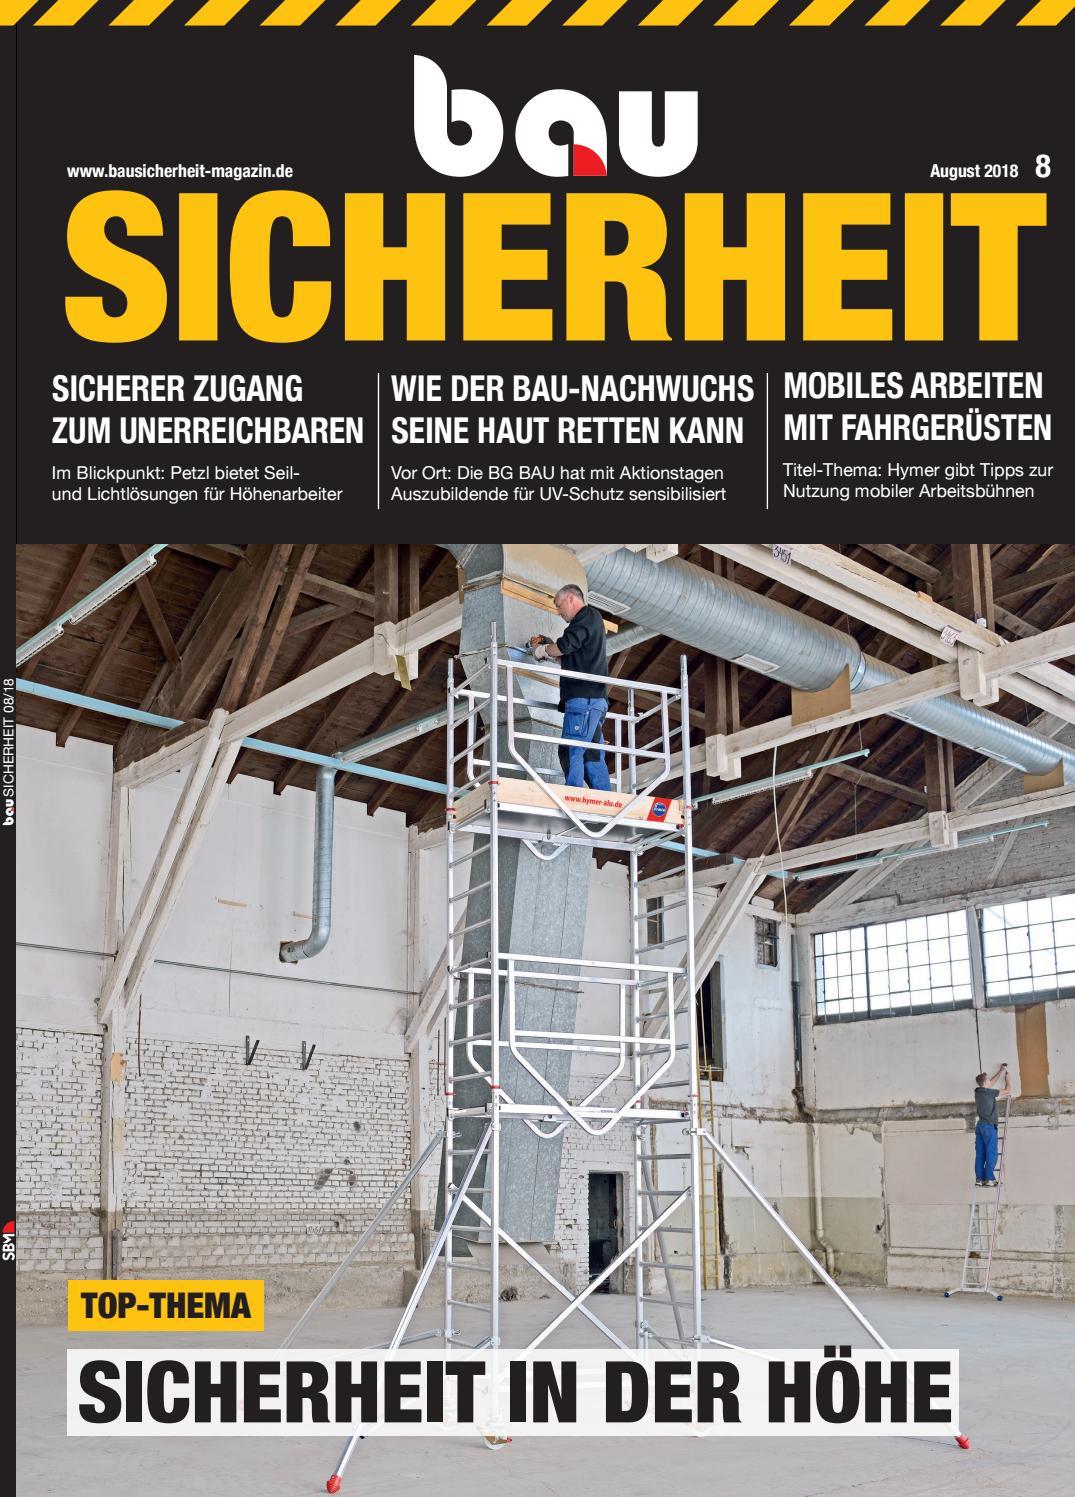 bauSICHERHEIT August 2018 by SBM Verlag GmbH - issuu